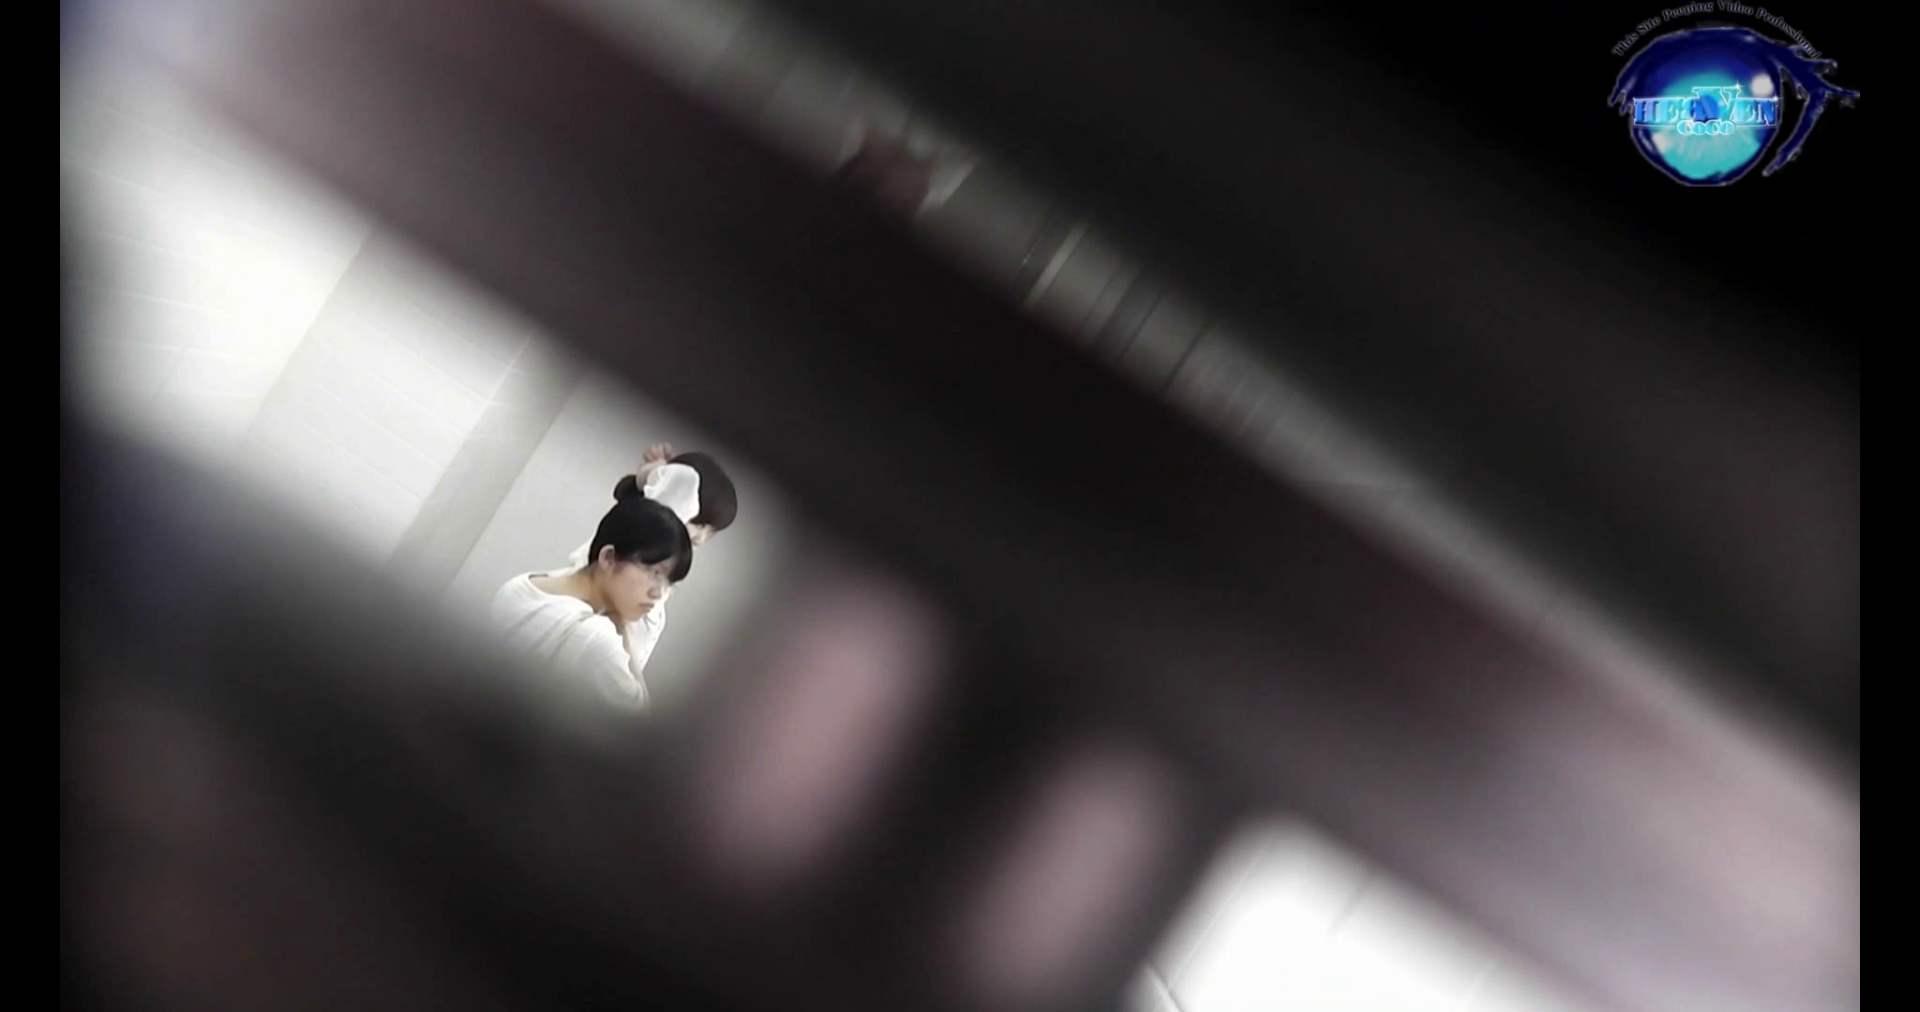 お銀さんの洗面所突入レポート!!vol.72 あのかわいい子がついフロント撮り実演 バックショット | 洗面所  9枚 5